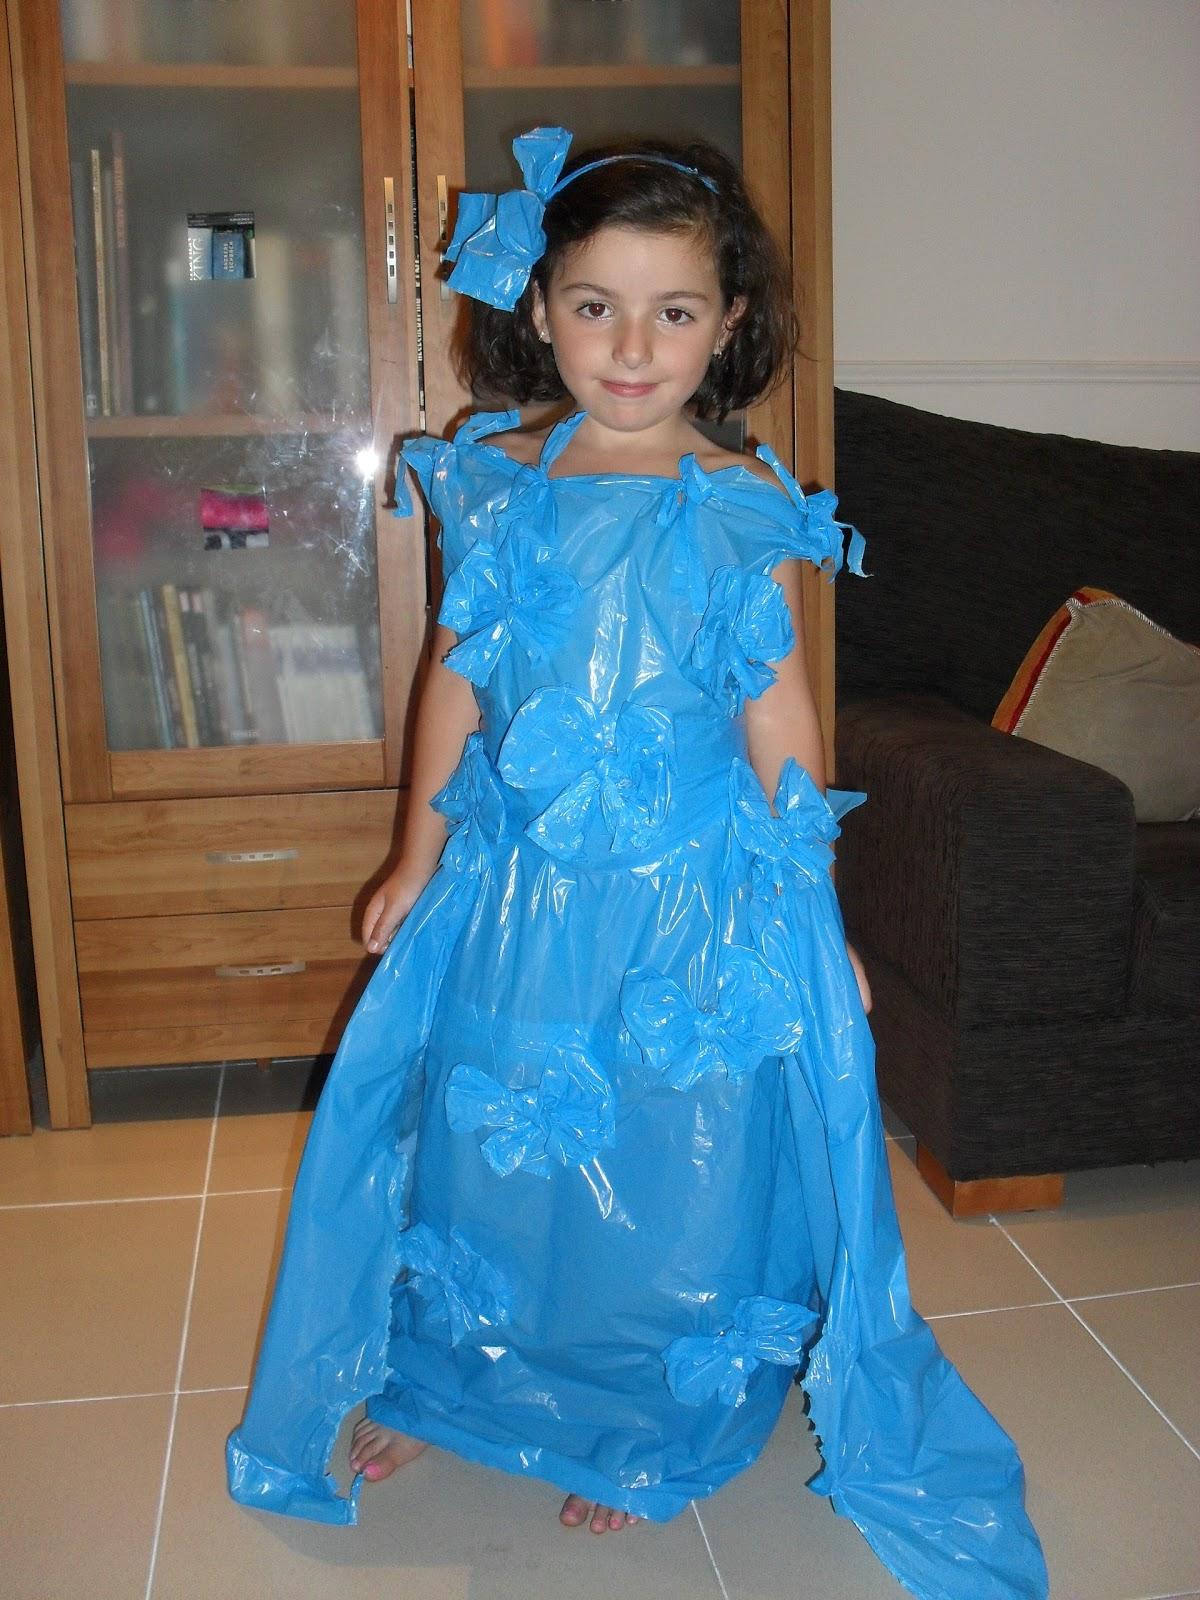 hacemos un original y barato disfraz de princesa como